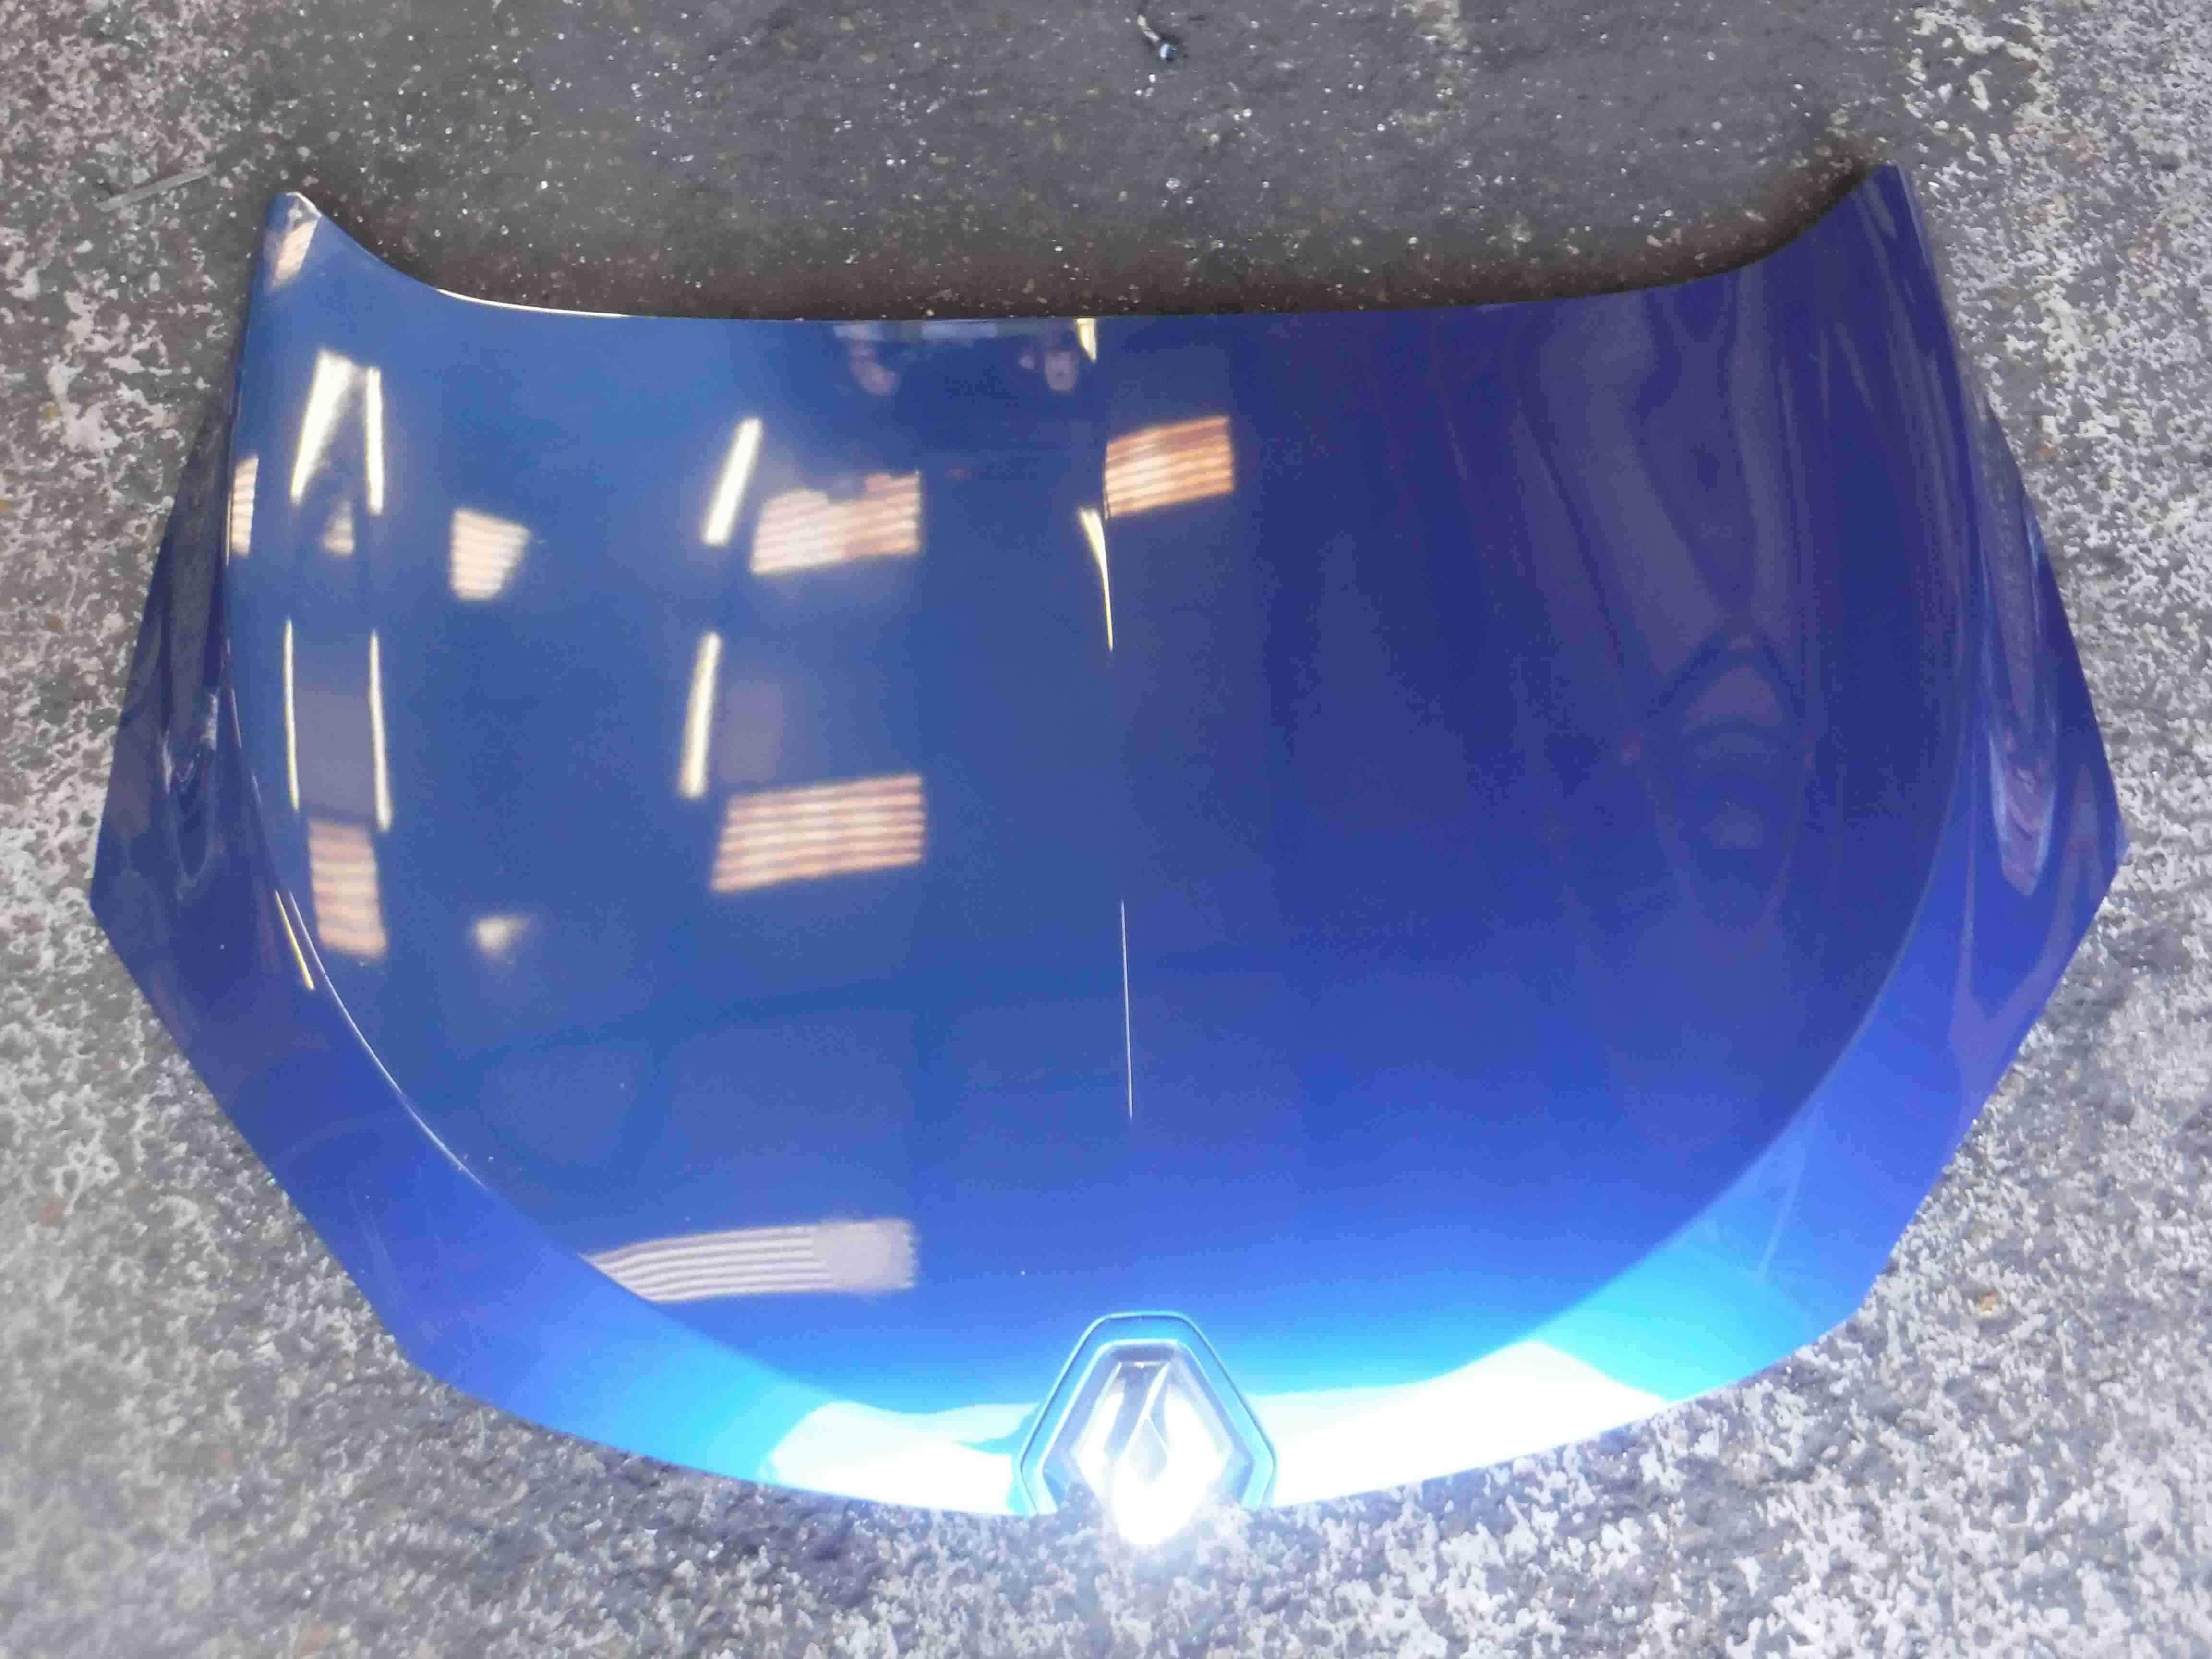 Renault Megane MK3 Hatchback 2008-2012 Front Bonnet Blue TERNA